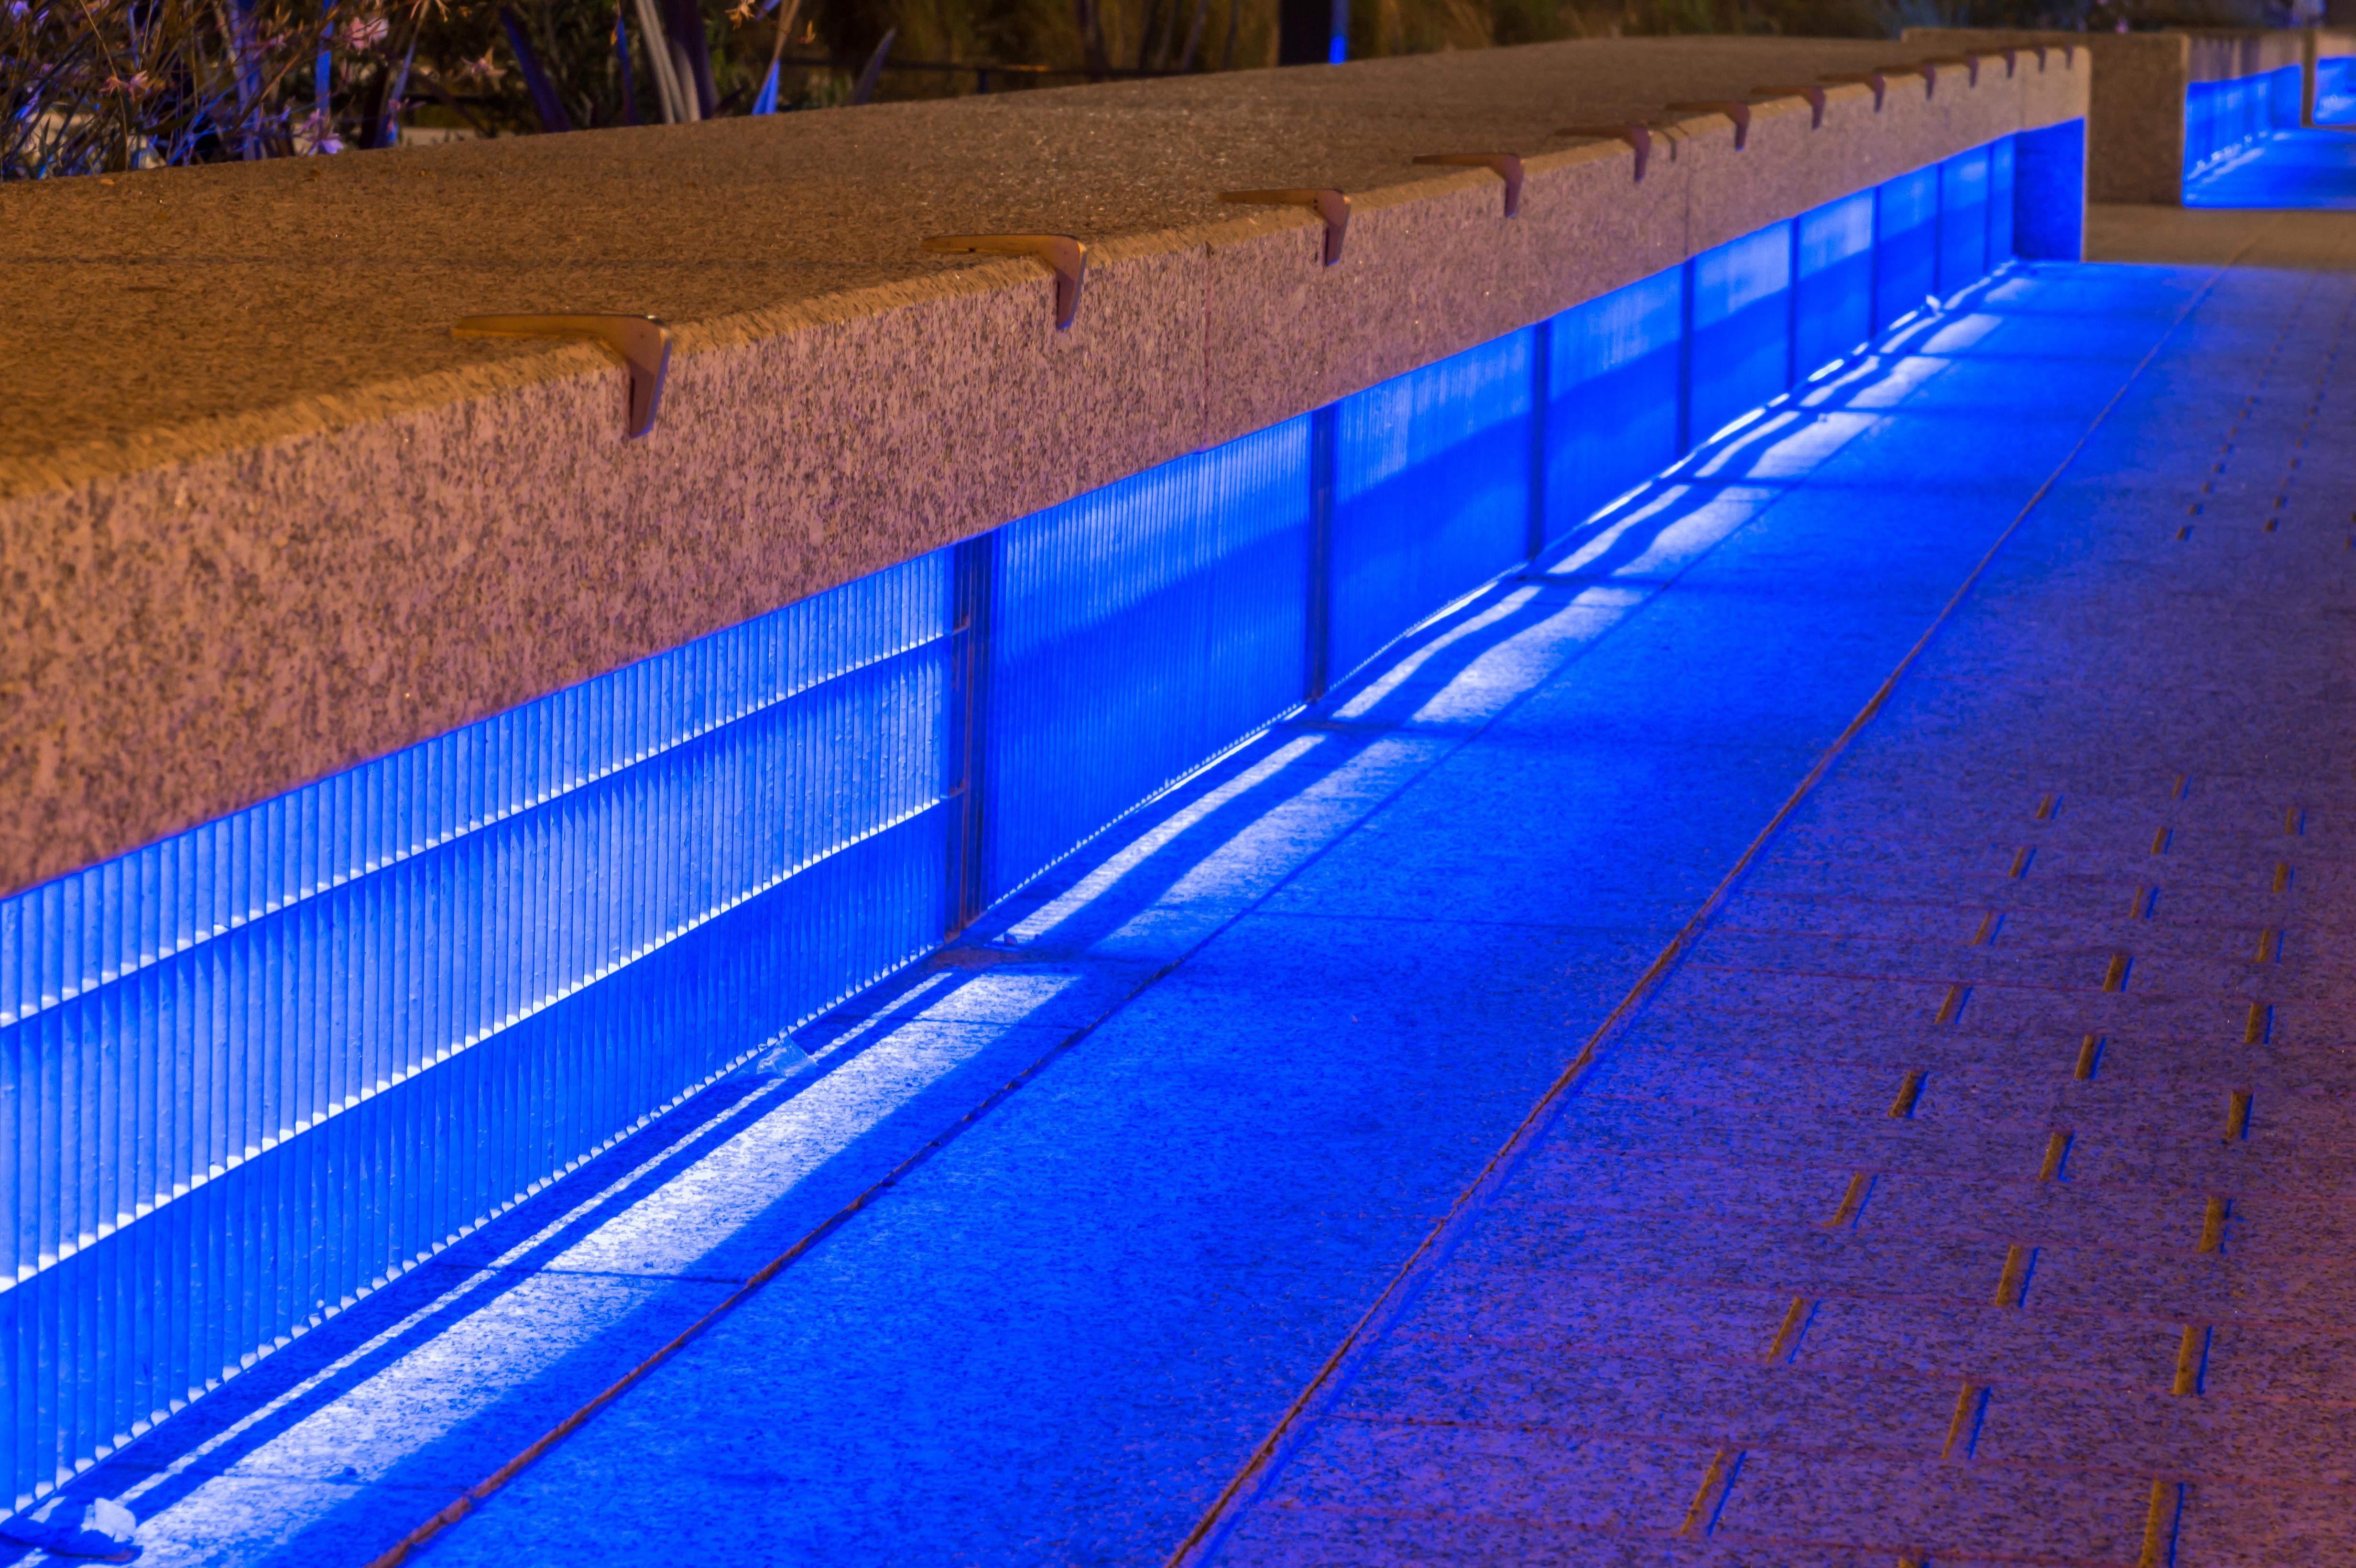 Eclairage Décoratif éclairage routier Duprat Tecso Eclairage Public Smart City eclairage route eclai